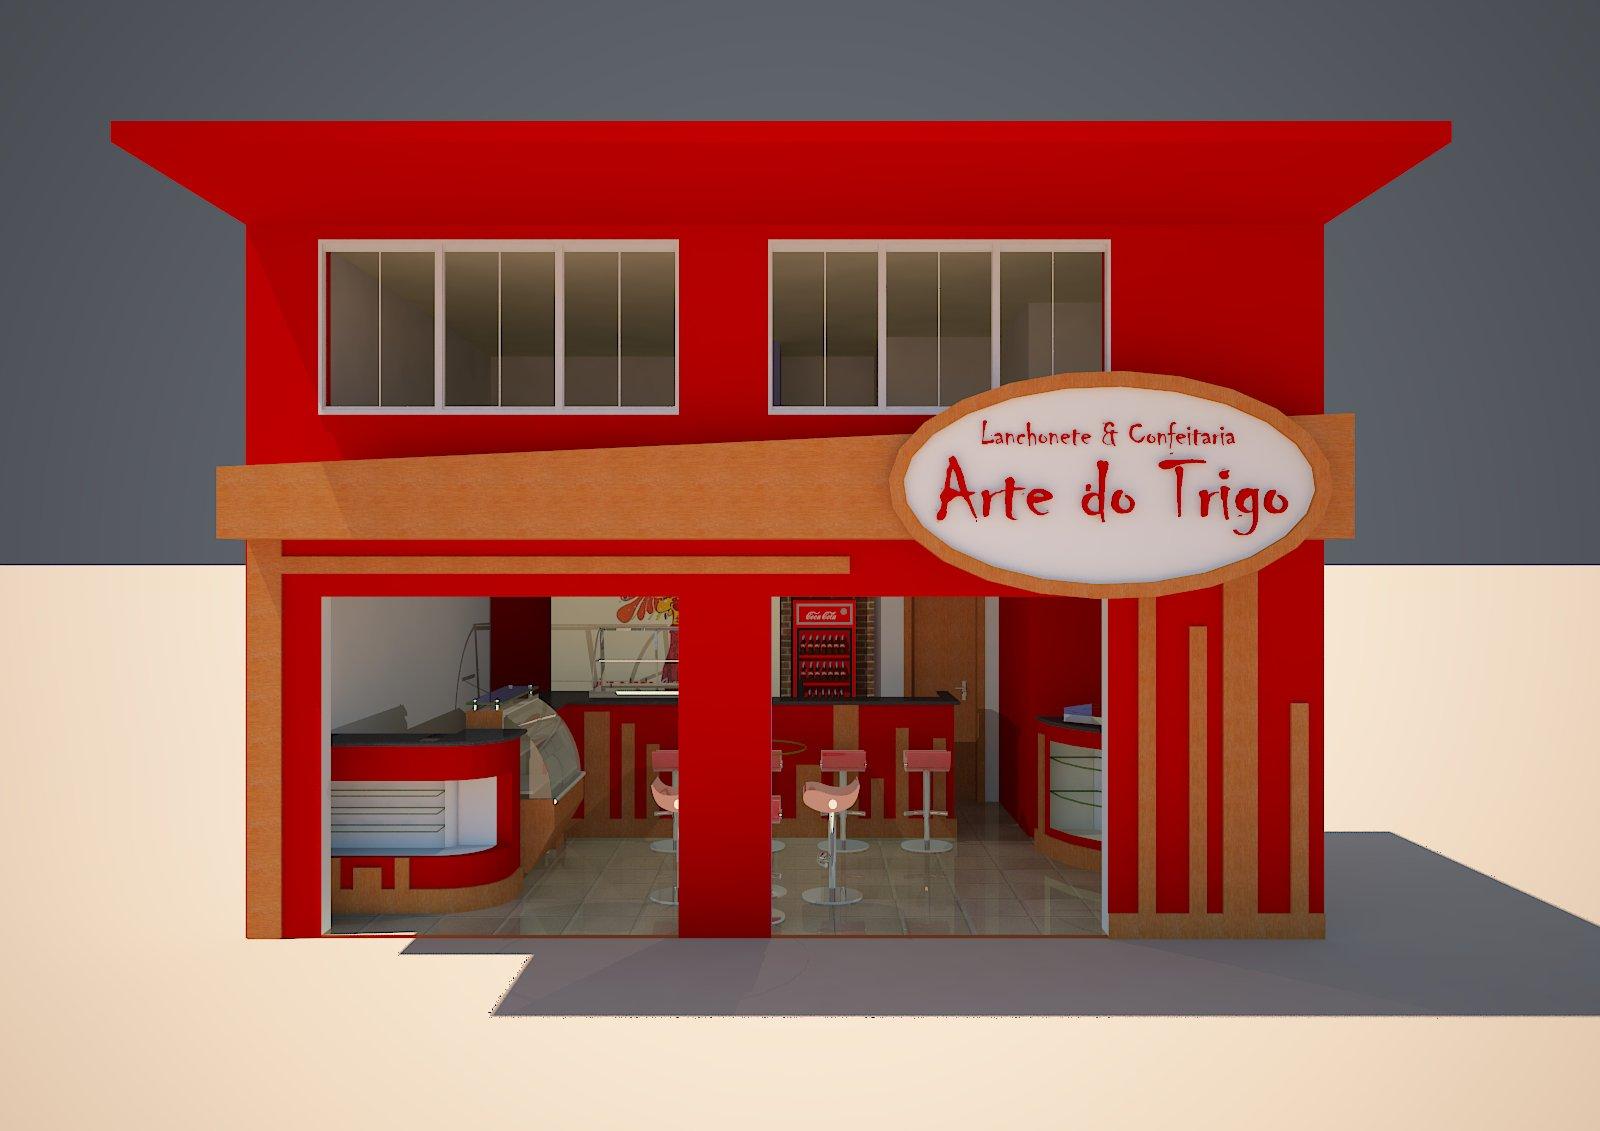 #B30302 us Arquitetura: Lanchonete e Confeitaria Arte do Trigo Teófilo  1600x1131 px Projeto Cozinha Confeitaria #2489 imagens